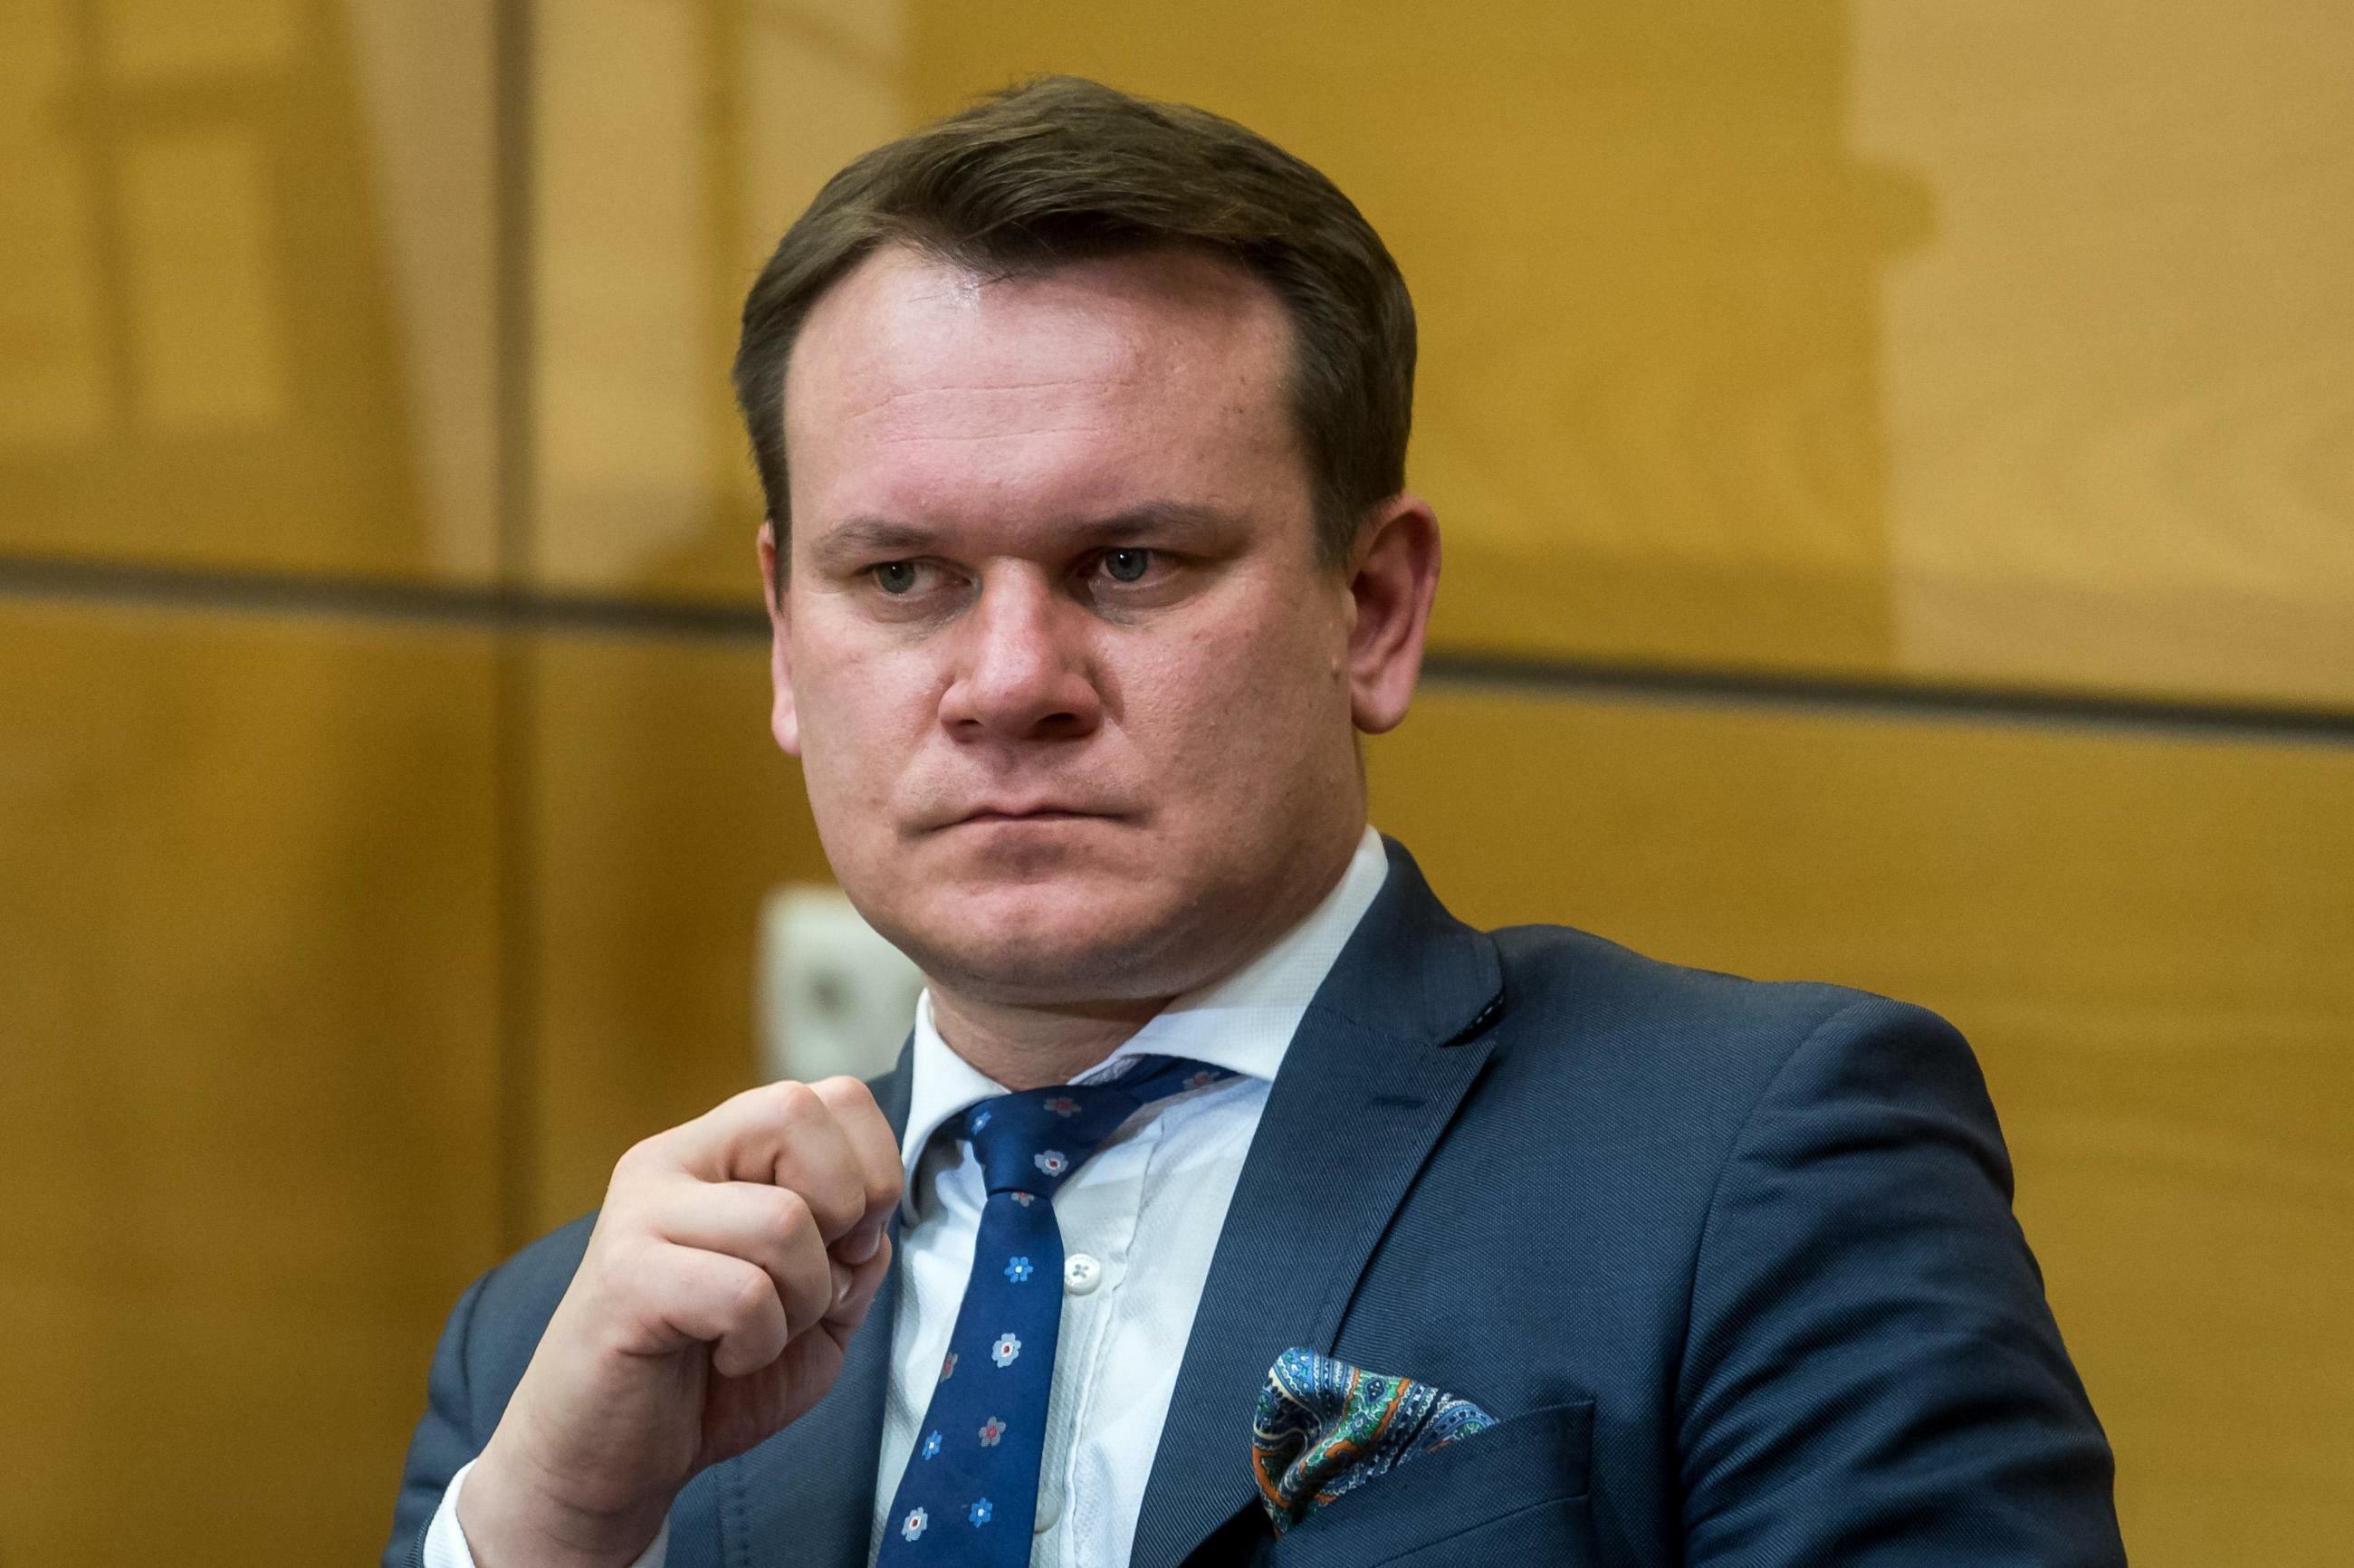 Dominik Tarczyński (PiS)